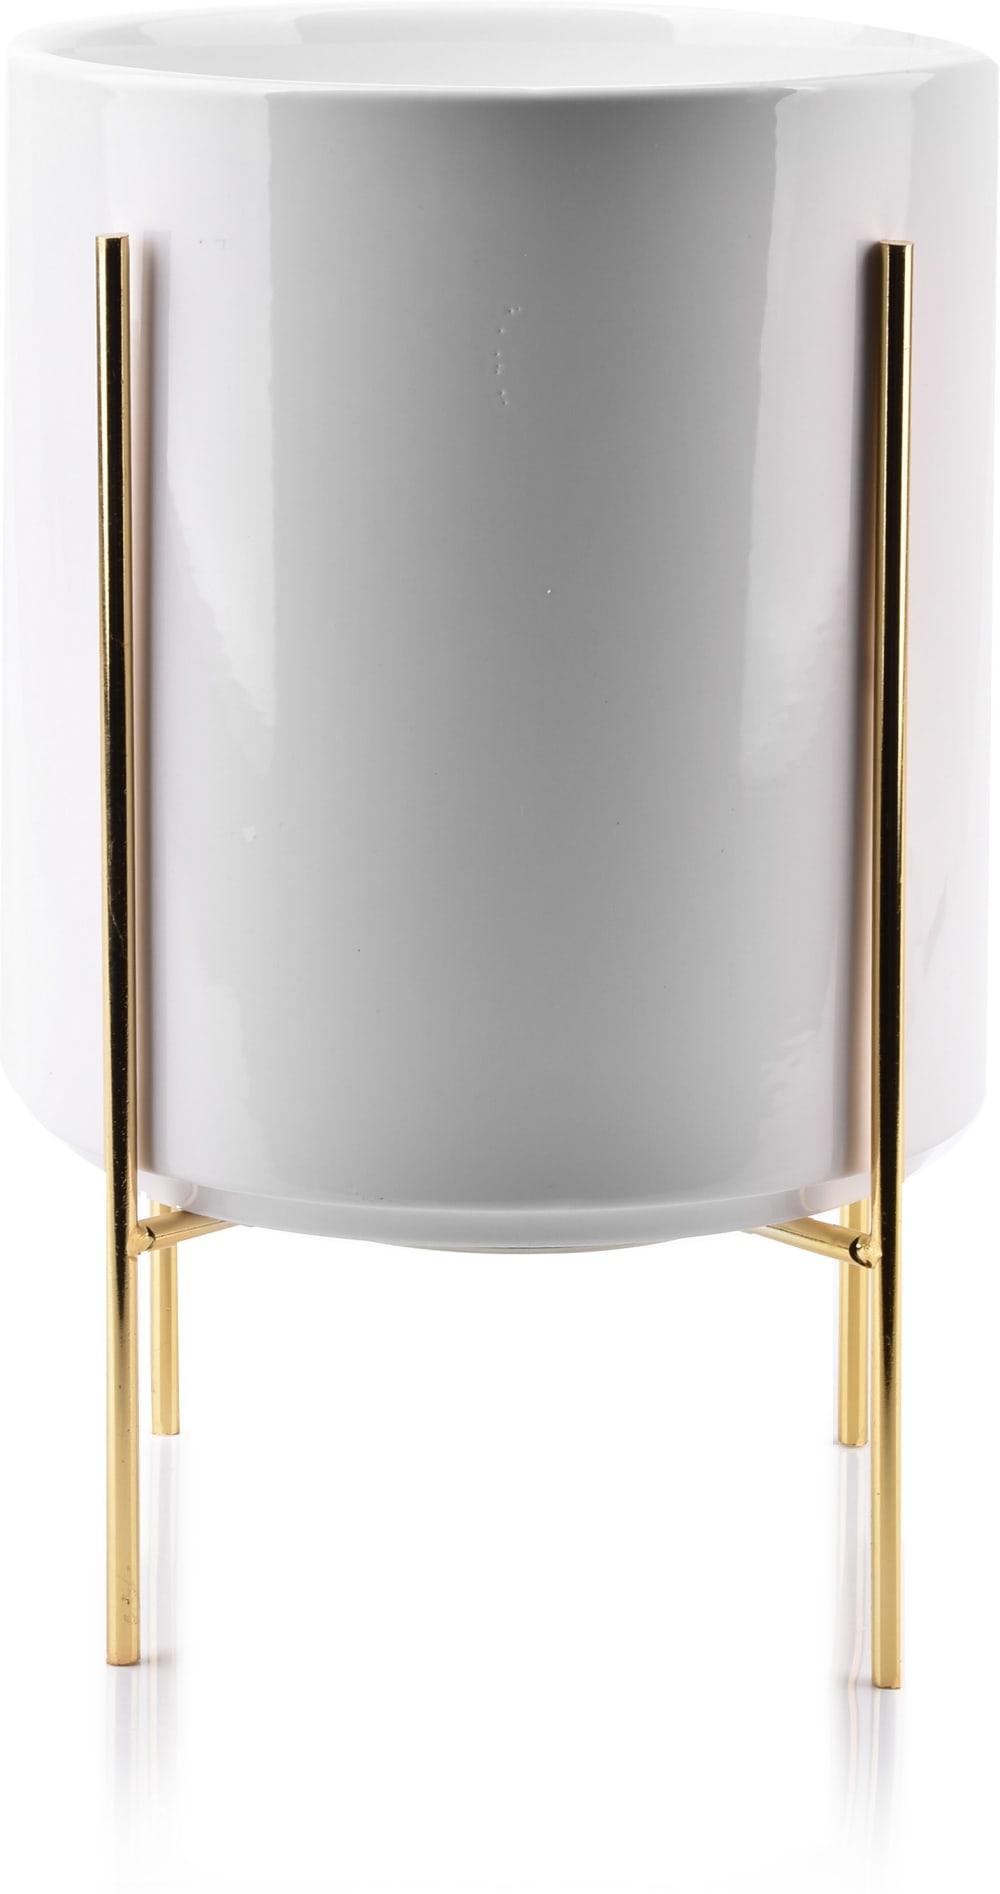 Doniczka biała 17,8x20,8 cm Neva